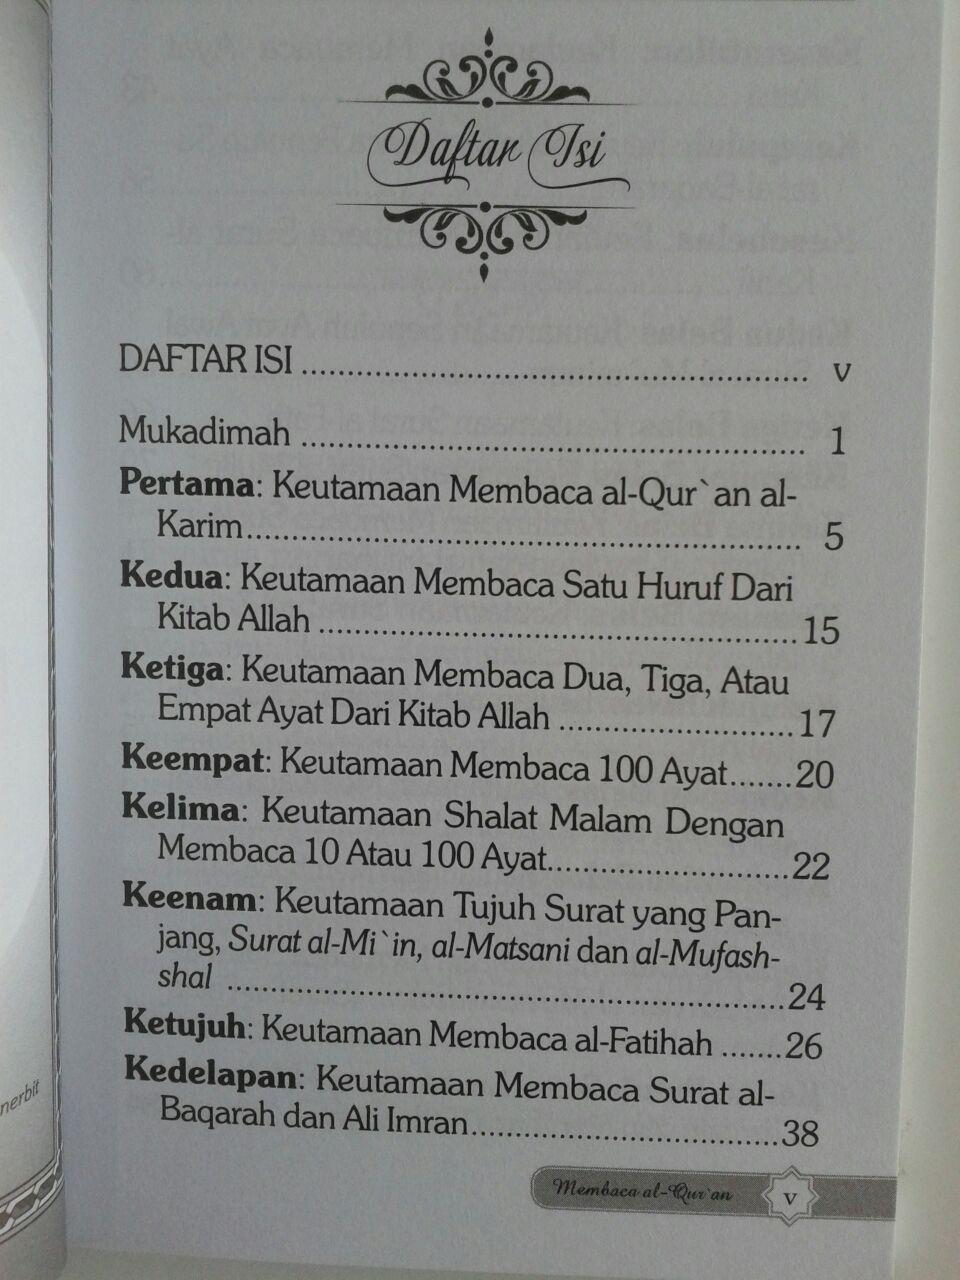 Buku Saku Keutamaan Dan Pahala Besar Membaca Al-Qur'an isi